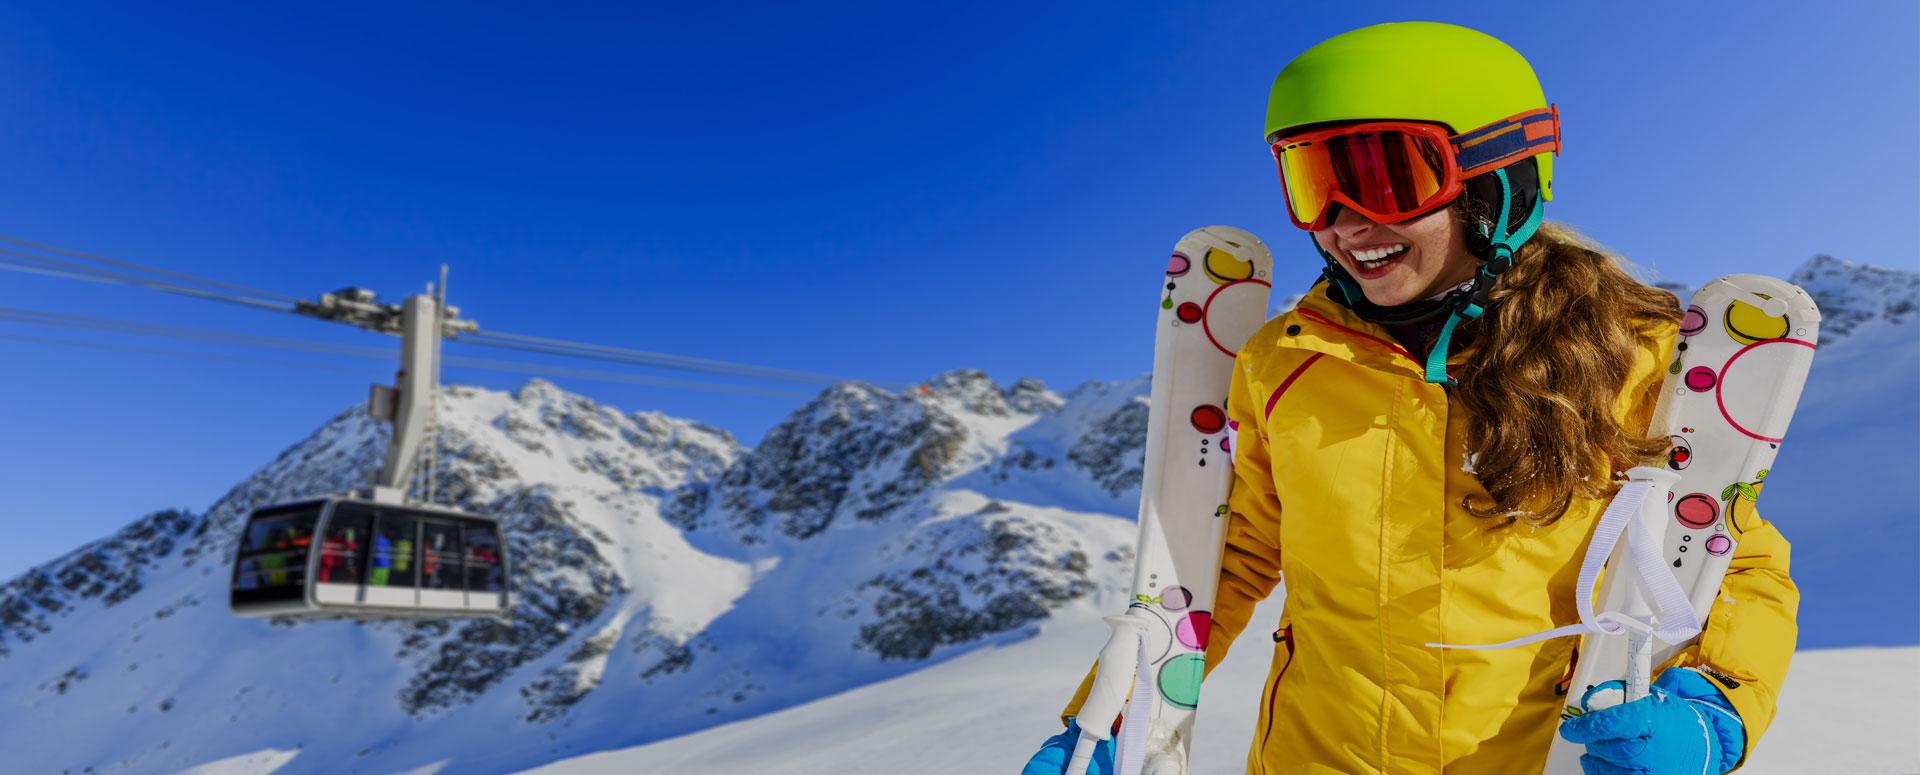 viajes de esqui para estudiantes